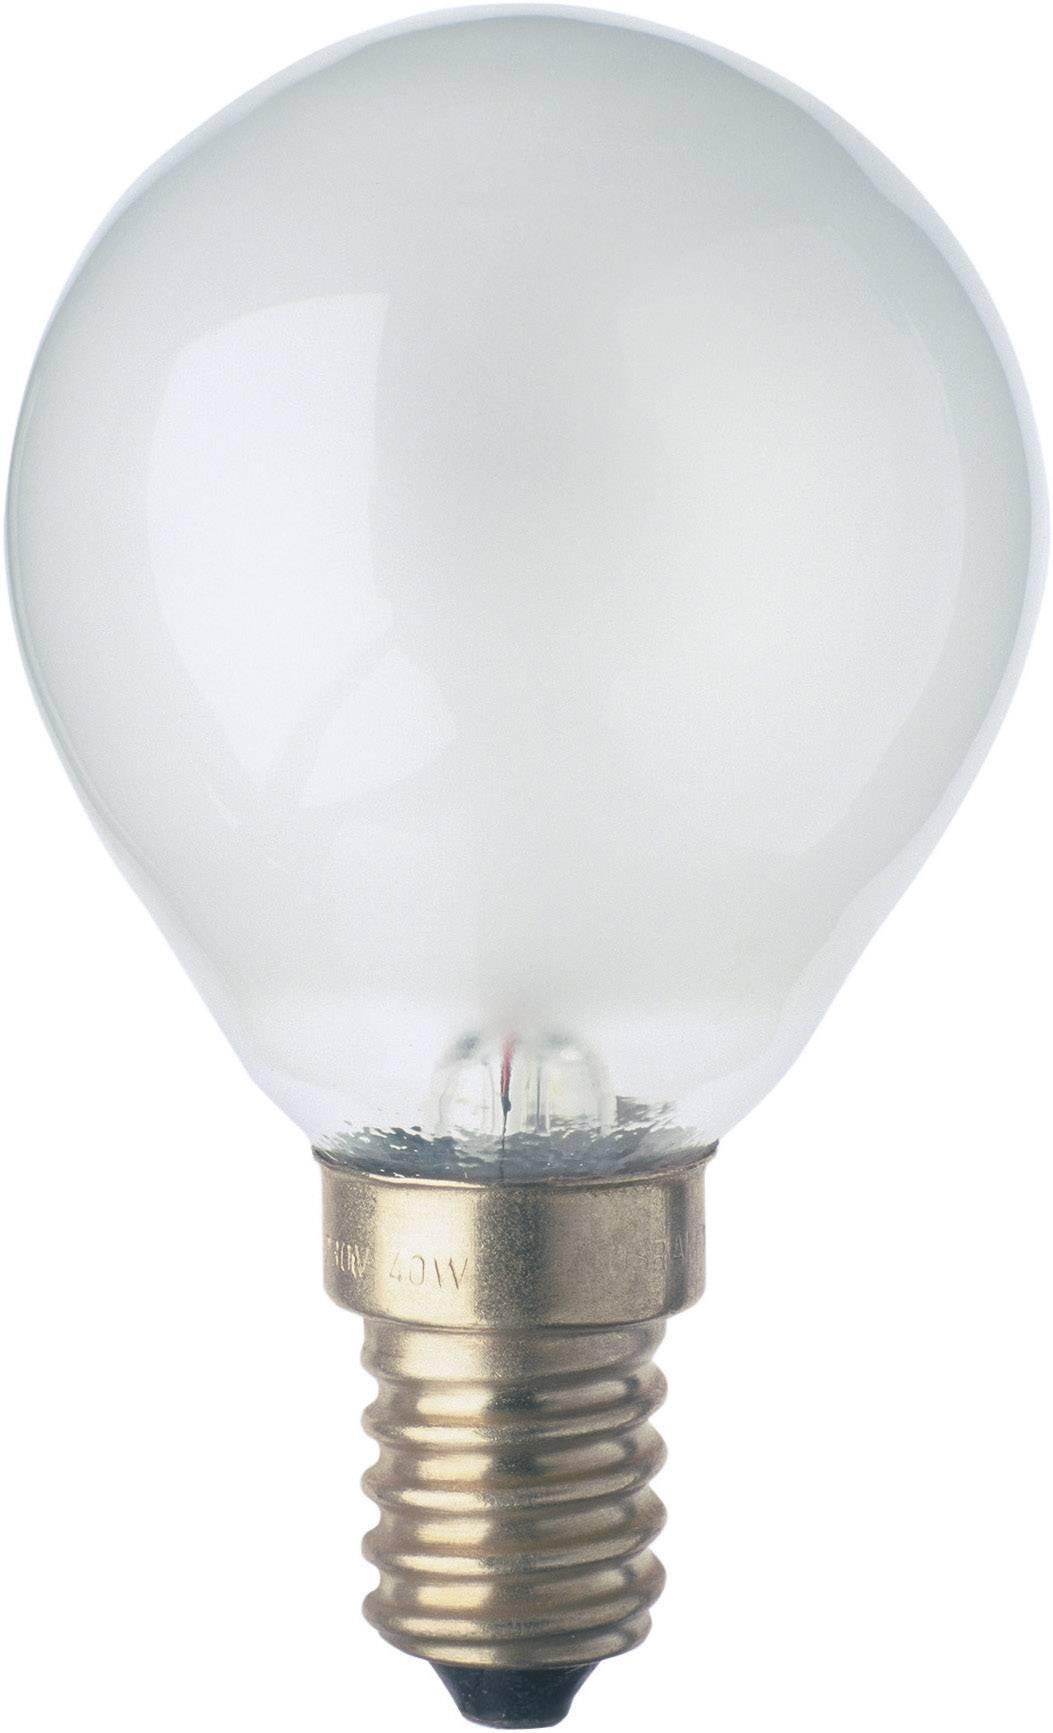 Žiarovka do rúry Osram, 40 W, E14, 300 °C